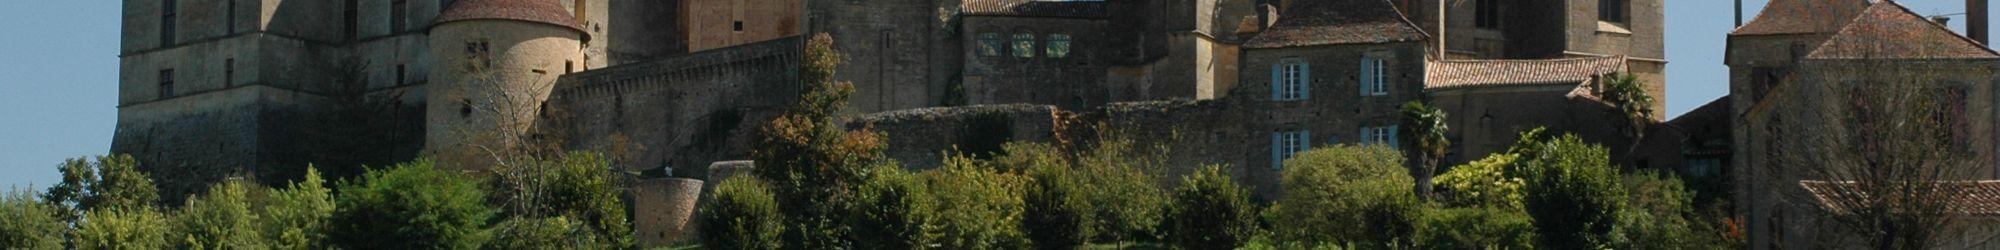 Château de Fumel